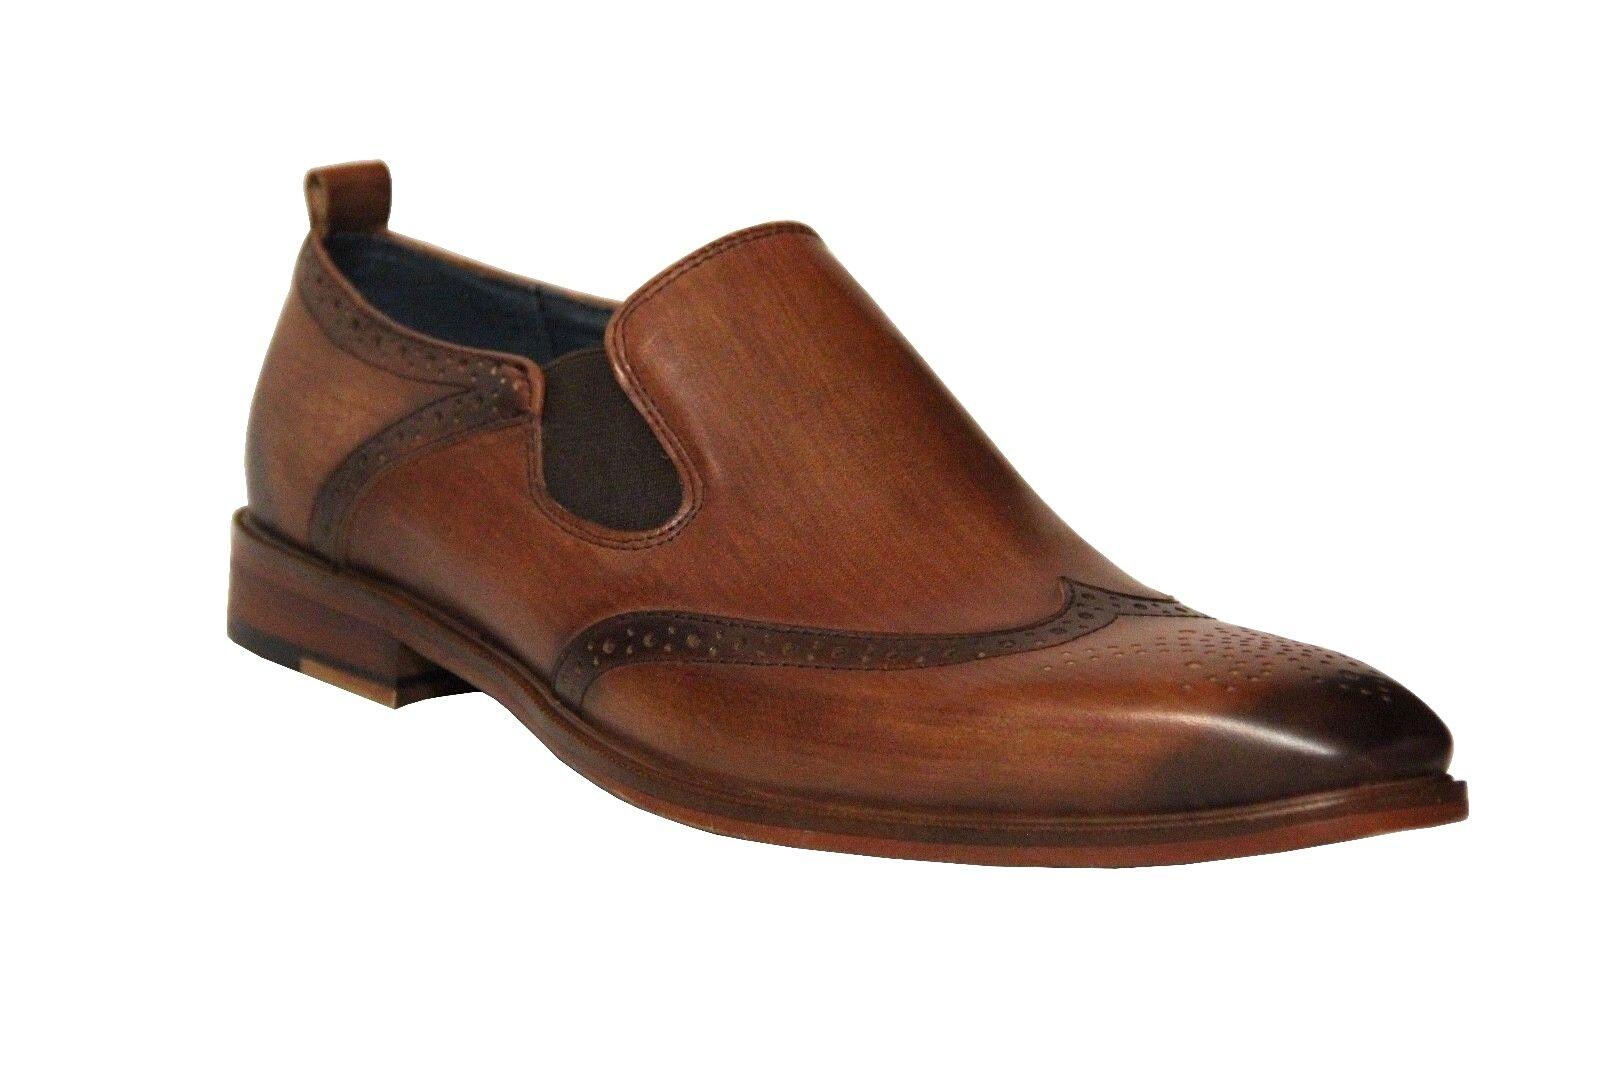 sconto prezzo basso Zota Unique Uomo Marrone Leather Slip On On On Dress scarpe HX005  risparmia il 60% di sconto